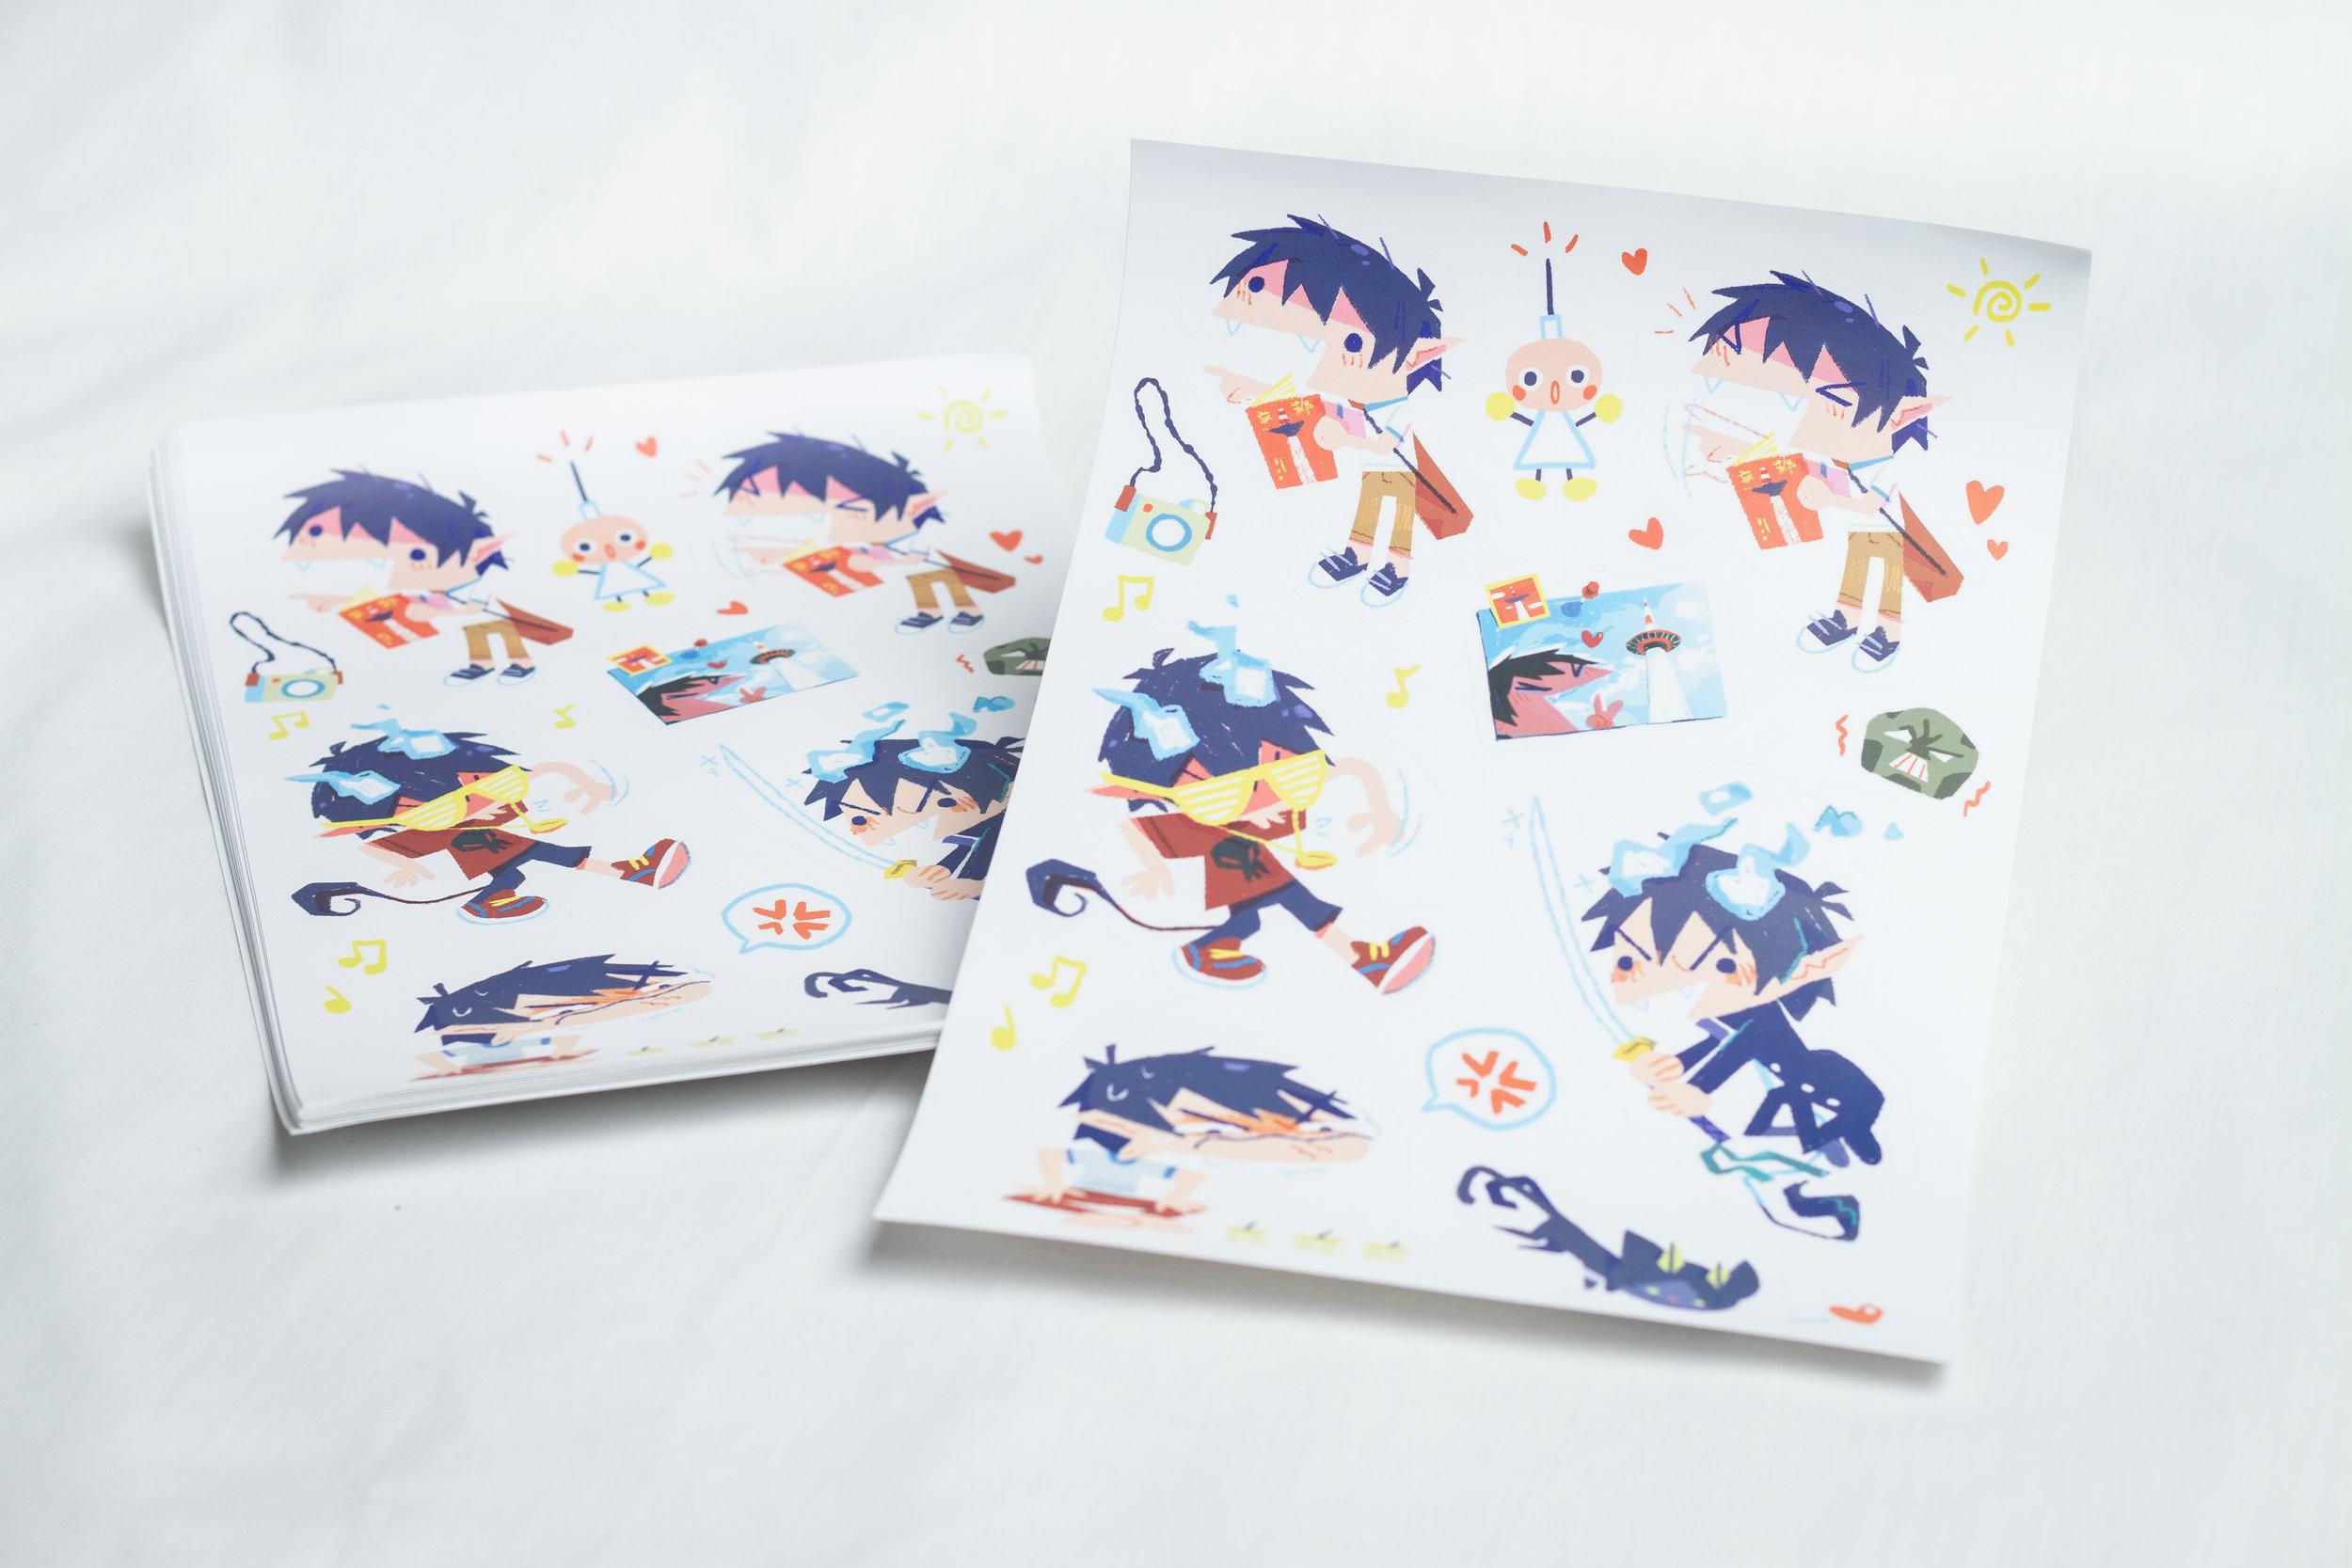 Kiss cut sticker sheet. Designed by Teressa Ong